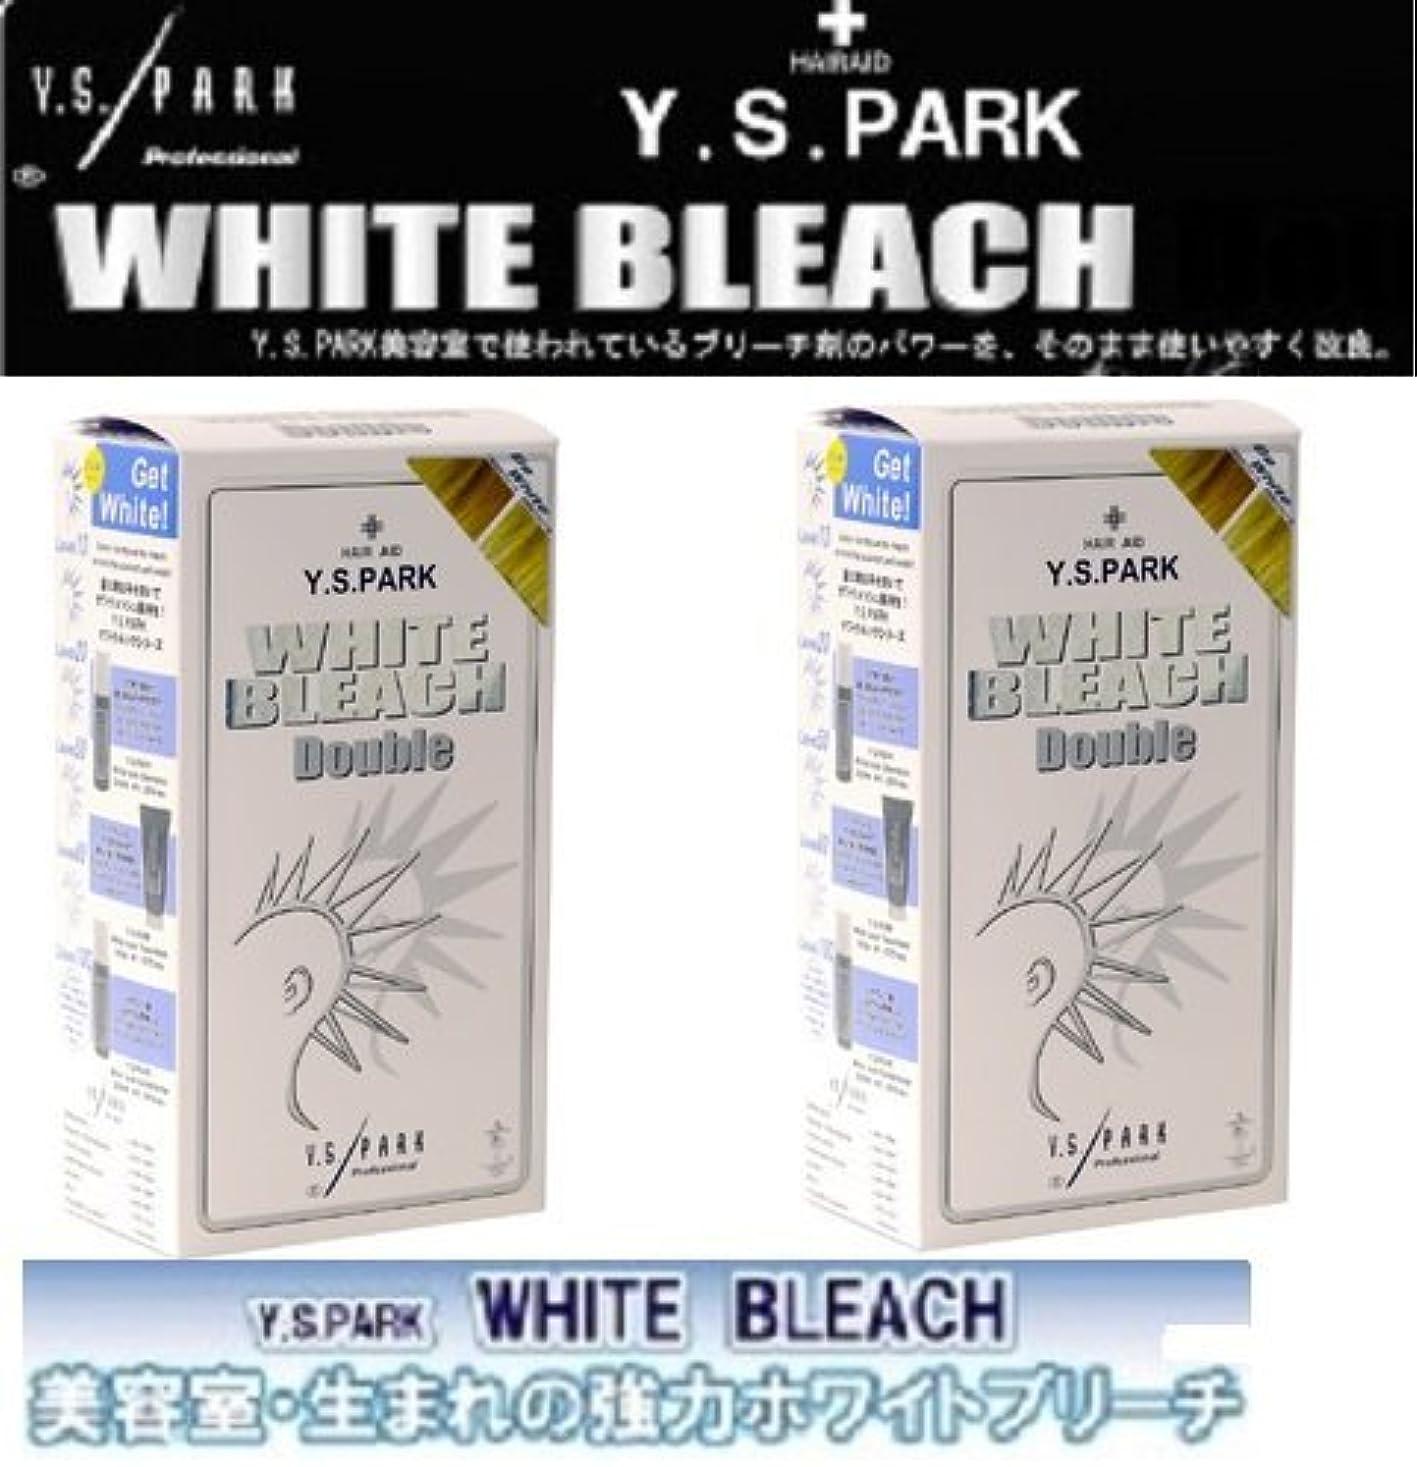 切り下げ北極圏カップルY.S.パーク ホワイトブリーチ ダブル60g(お得な2個組)美容室生まれの強力ホワイトブリーチ?強力ホワイトブリーチに大容量サイズが登場!